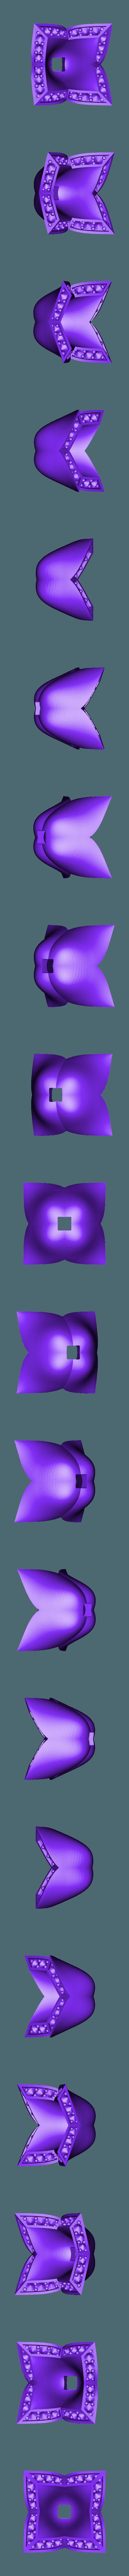 petite tulipe ok.stl Download STL file tulip ring • 3D printing model, ToneRjewelery